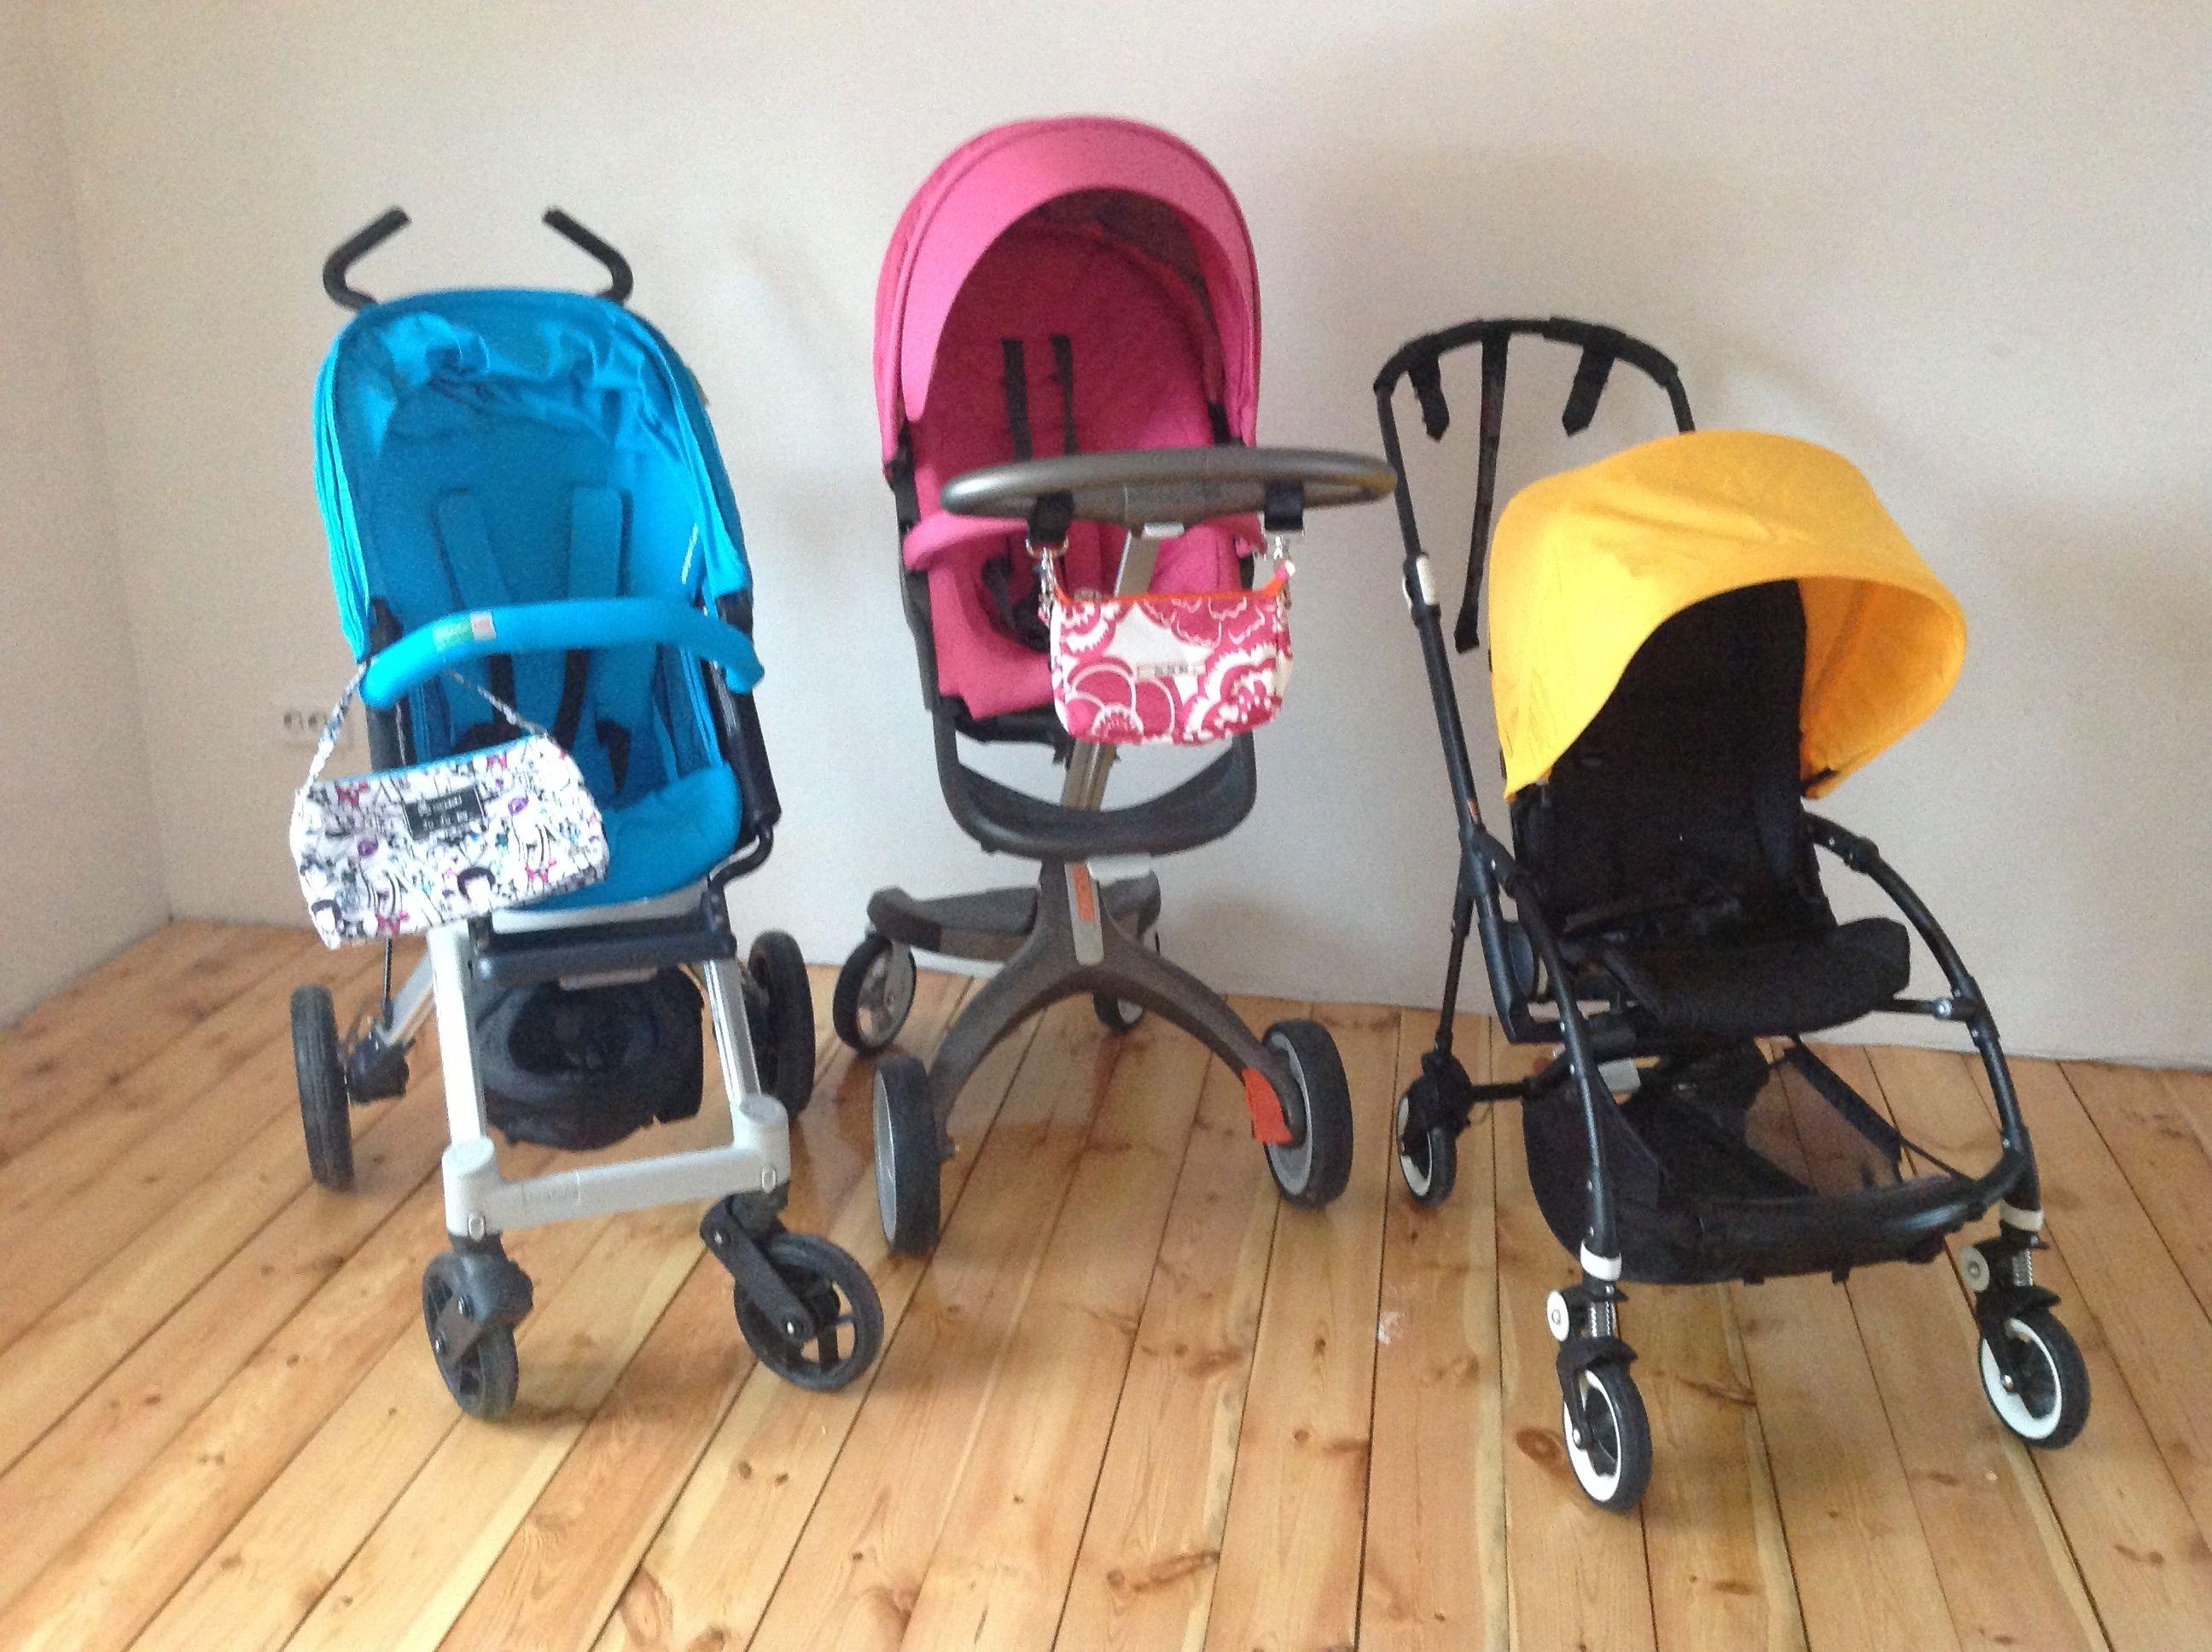 orbit baby Orbit baby, Baby, Baby strollers